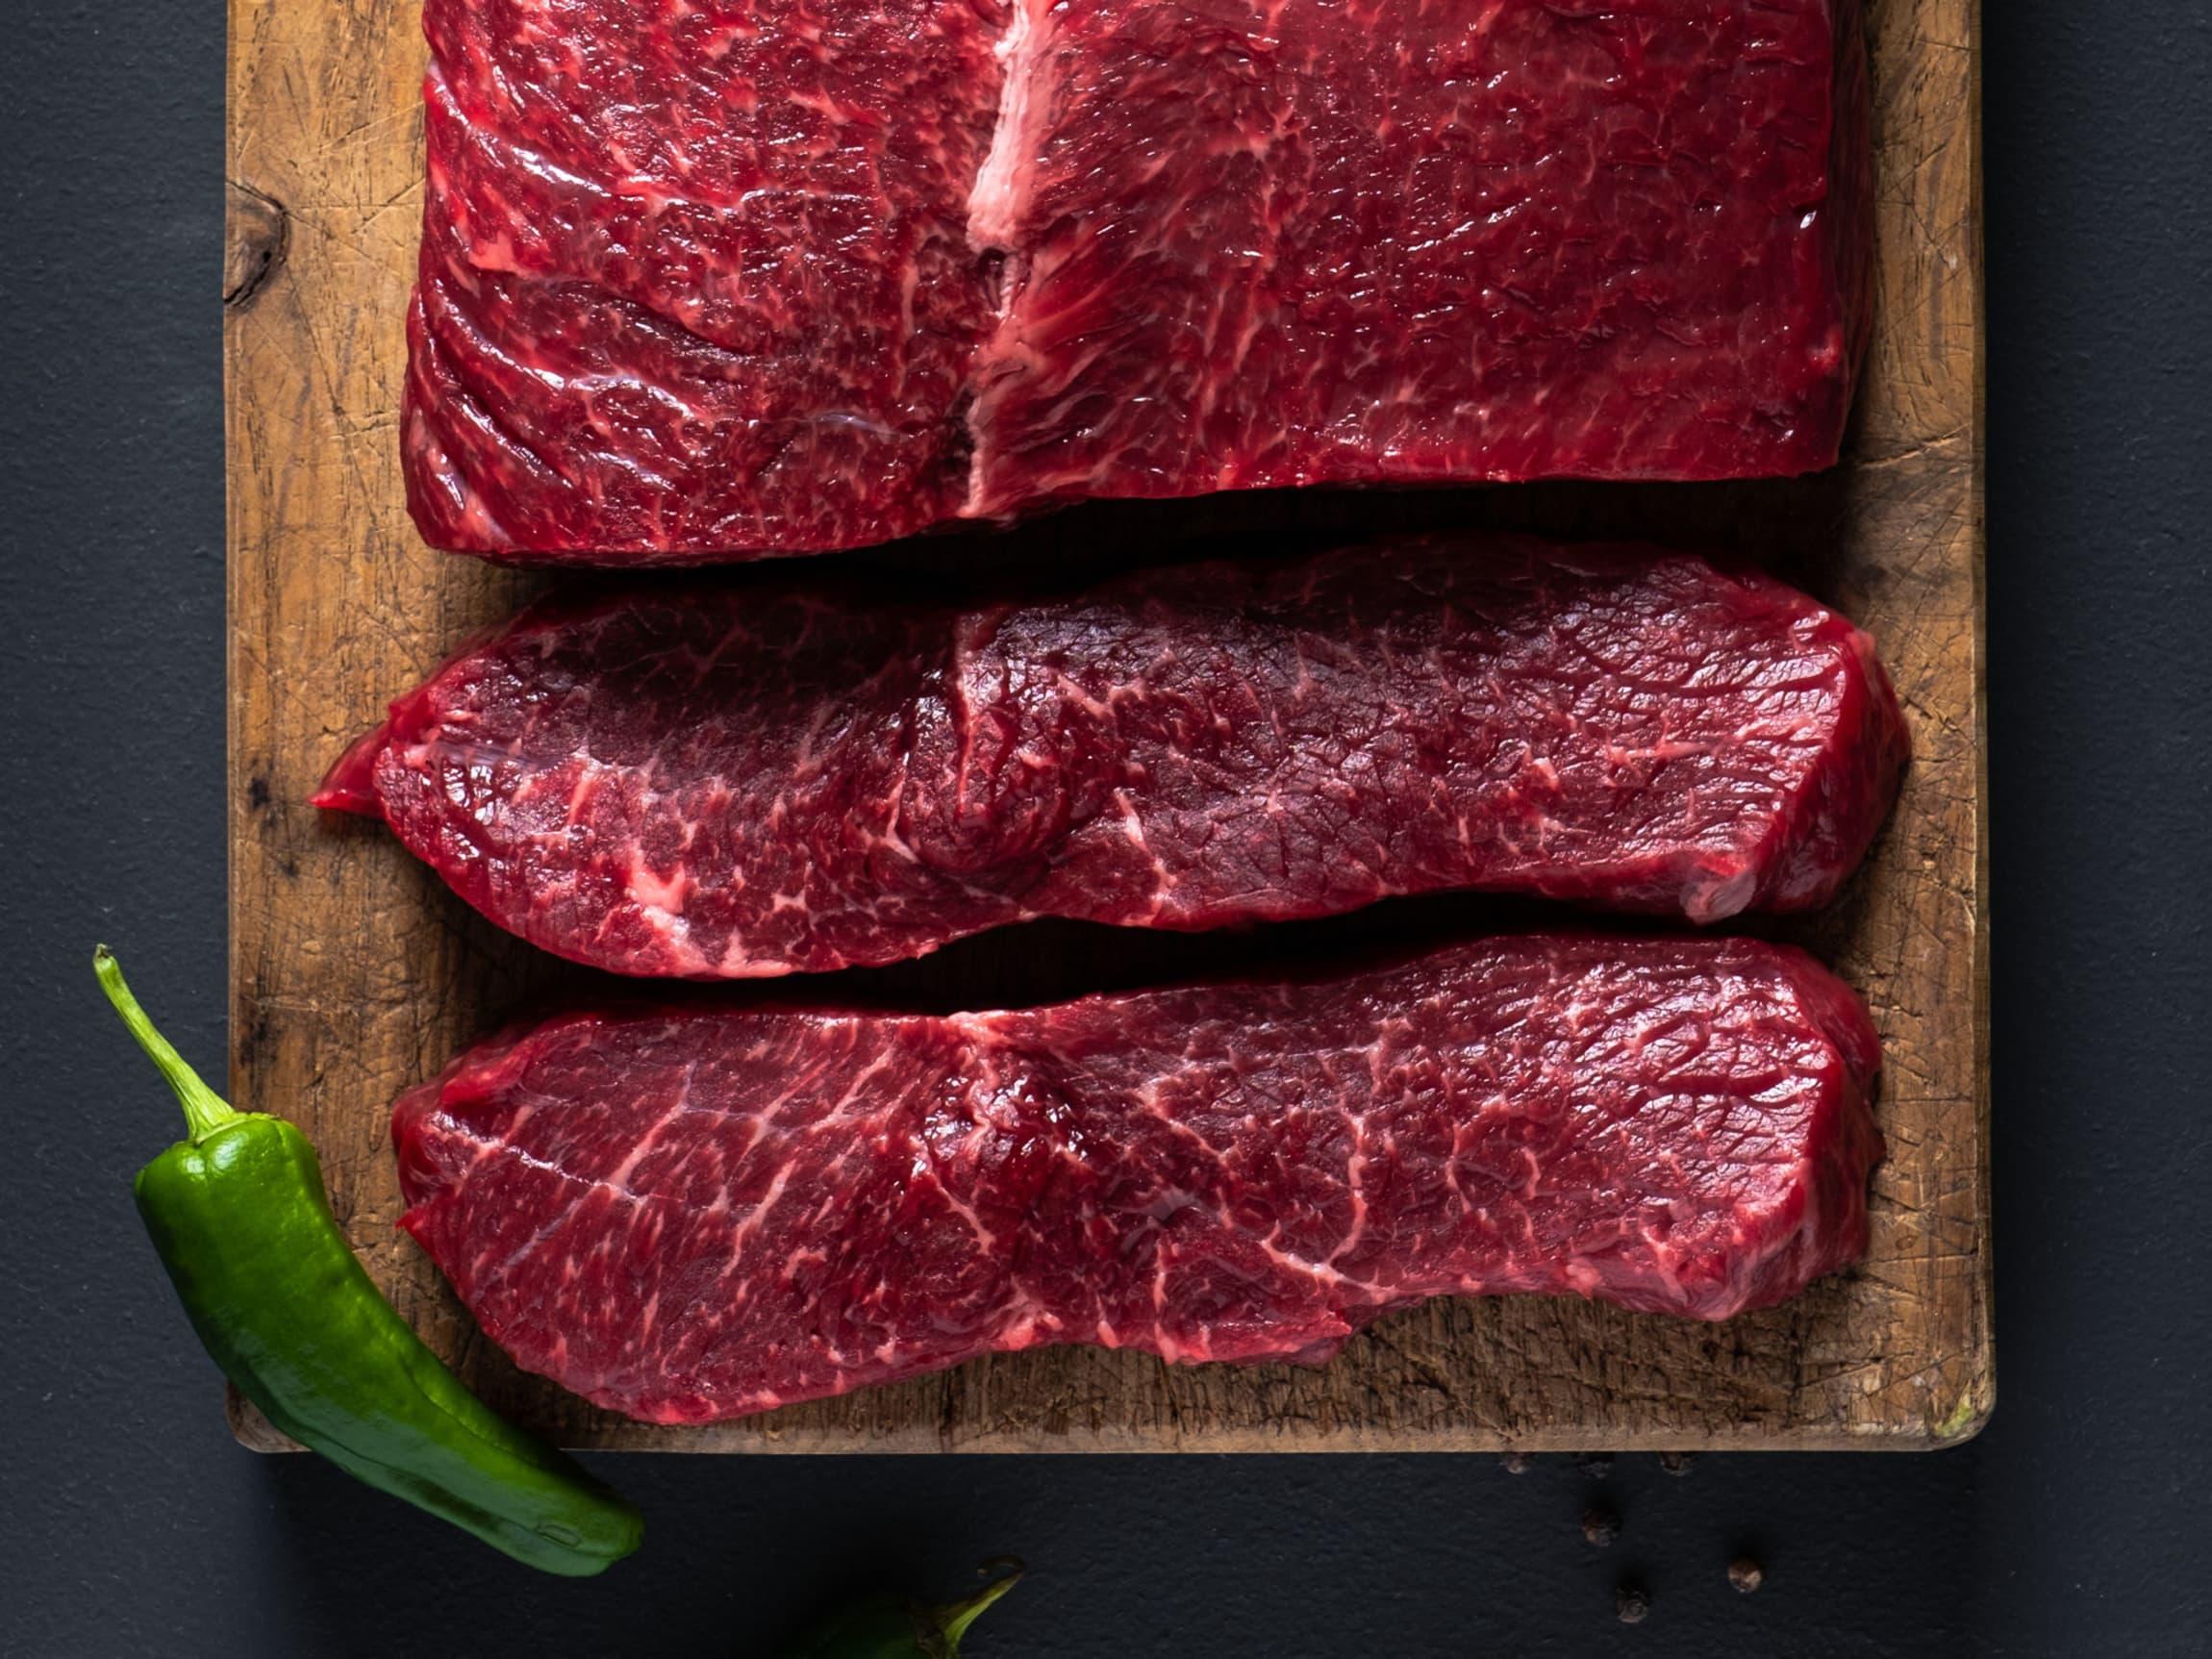 God marmorering er et kvalitetstegn. De hvite stripene i kjøttet er intramuskulært fett som smelter under tilbereding og gjør kjøttet saftig og smakfullt.